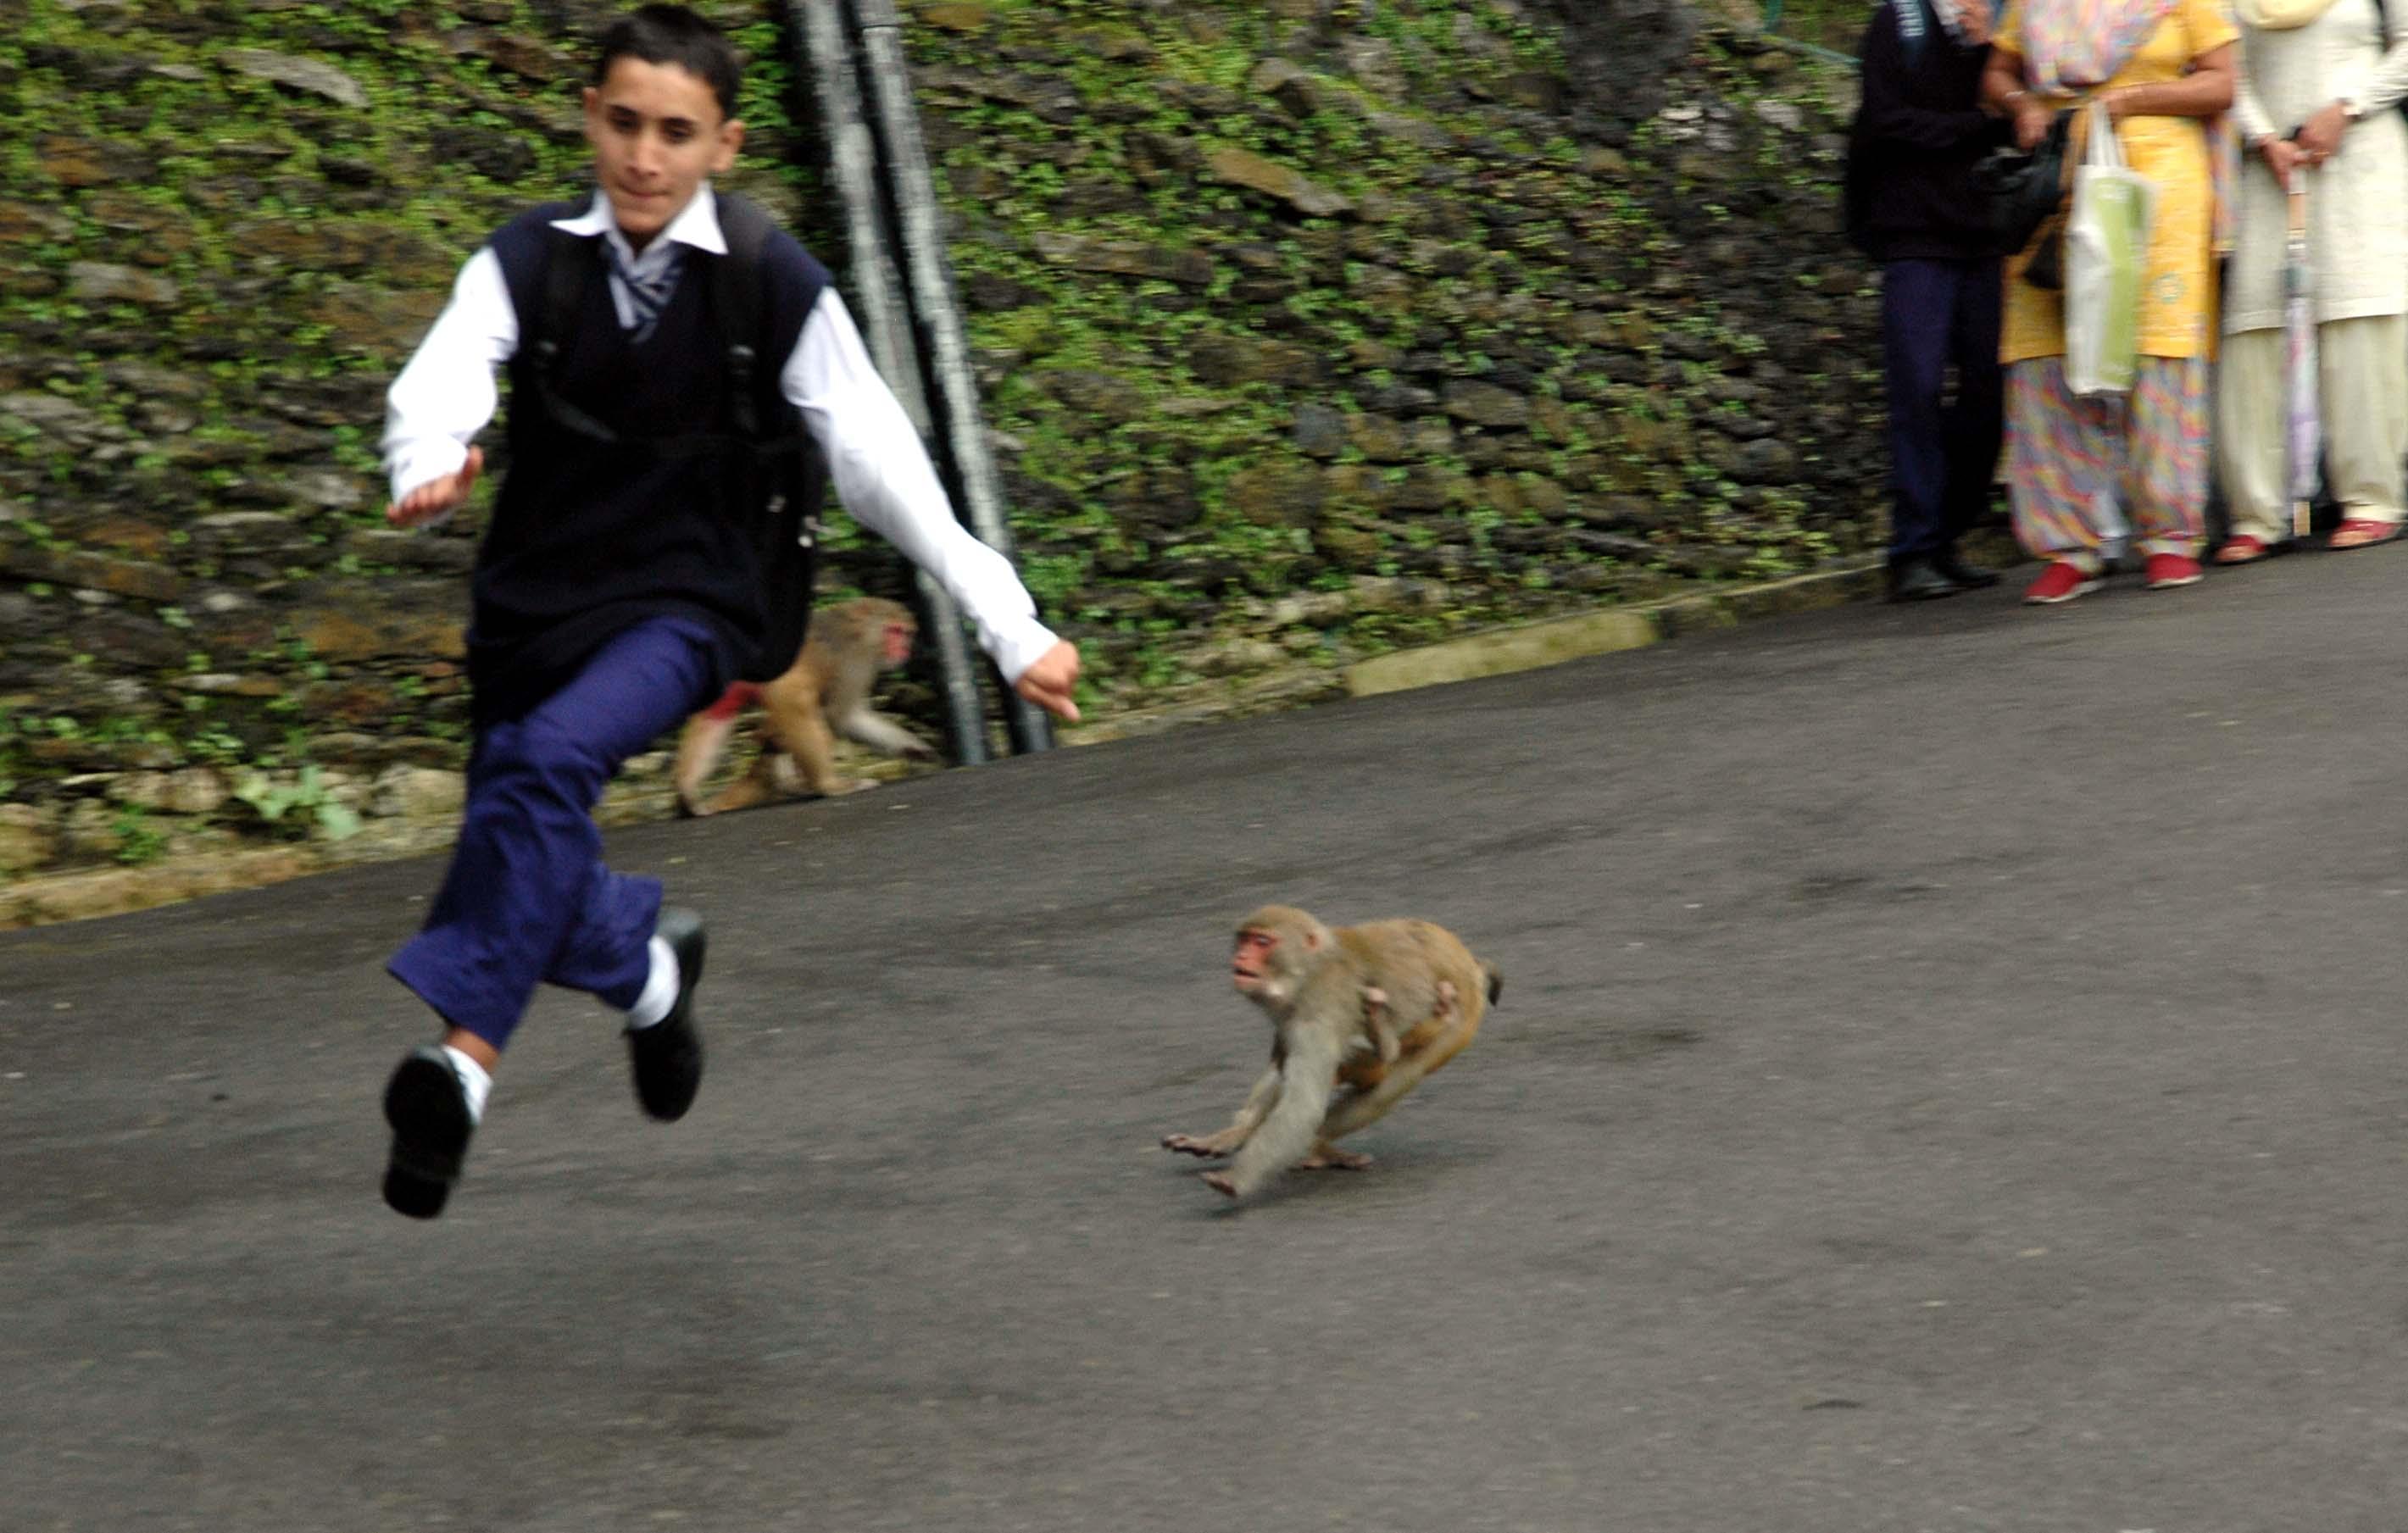 13 Sept 2011-monkey menace in Shimla